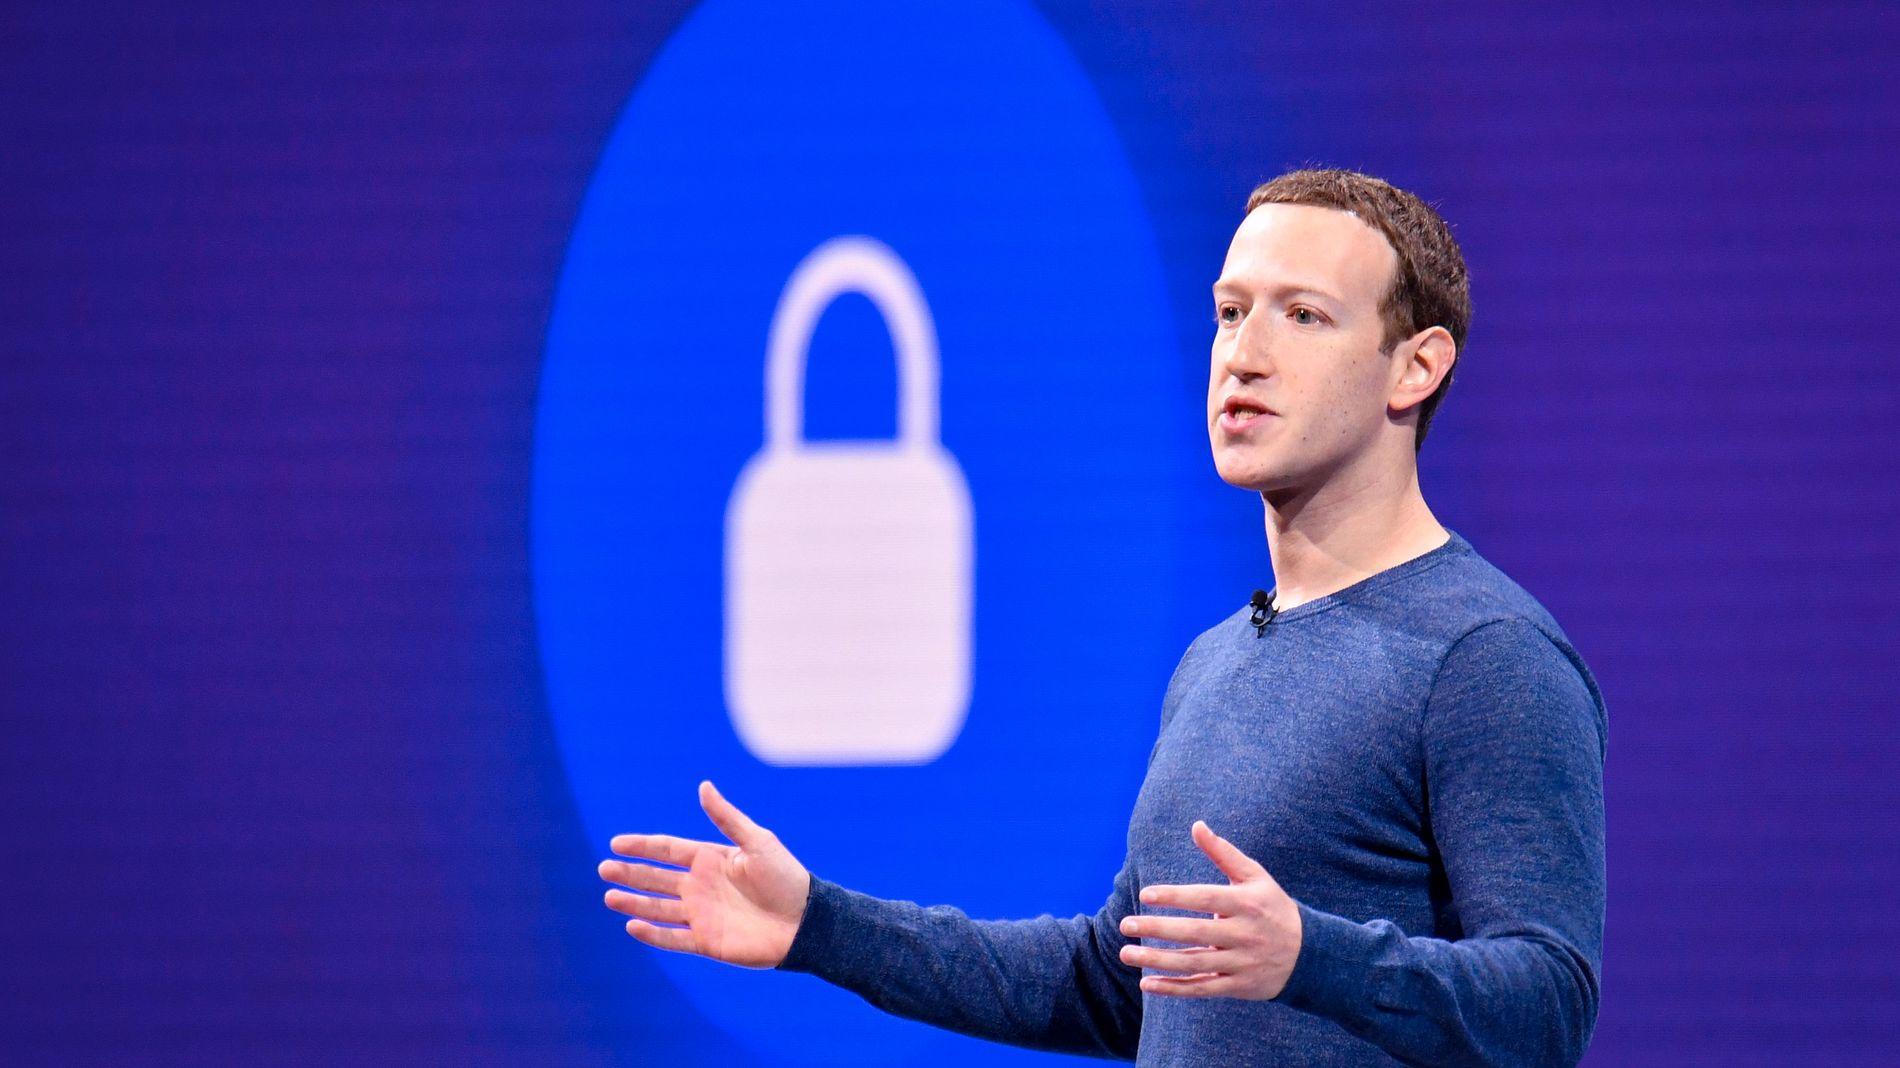 DATATILSYNET BEKYMRET: Facebook og Mark Zuckerberg lanserer sin nye kryptovaluta Libra. Den skal gjøre det like enkelt å spare, sende eller bruke penger som å sende tekstmeldinger. Men Datatilsynet lar seg bekymre av Facebooks personvernhistorikk.